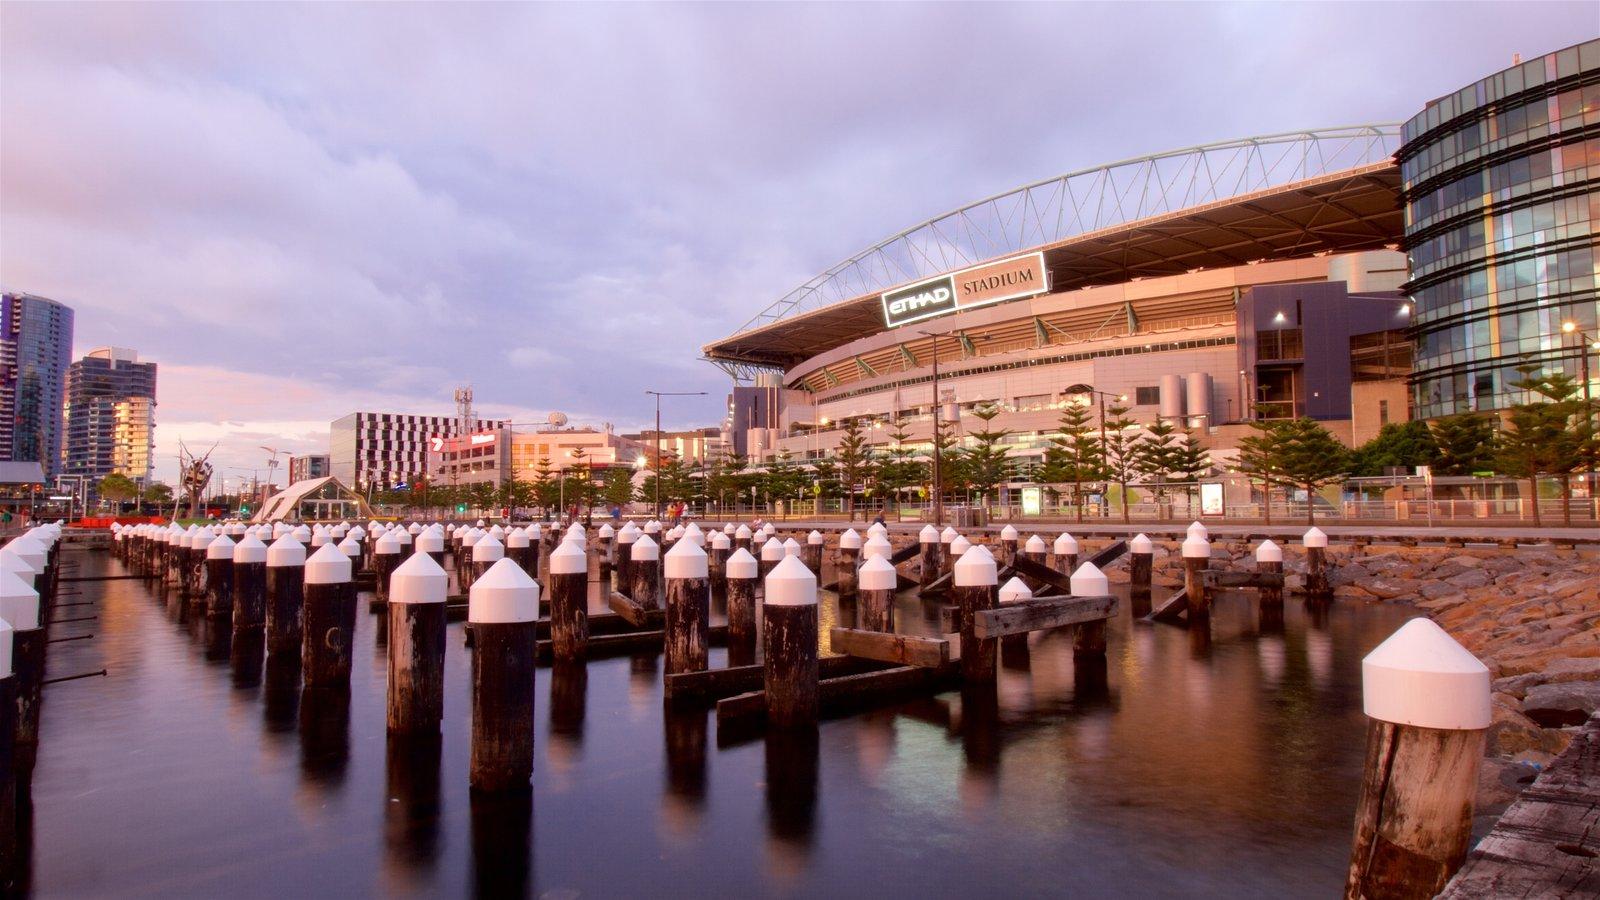 Docklands que incluye un río o arroyo, distrito financiero central y un evento deportivo